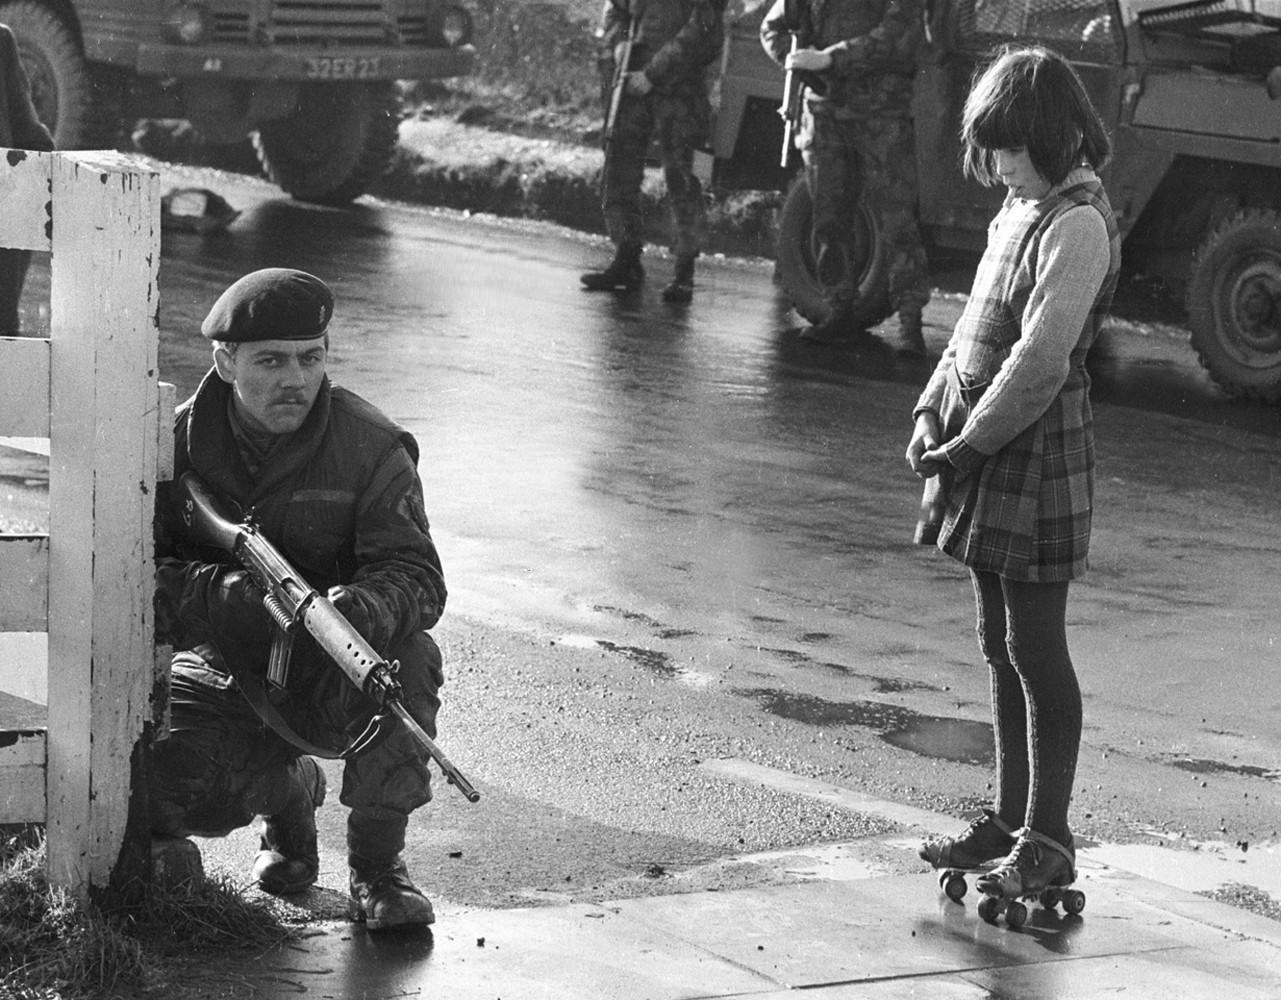 1969. Kíváncsi lány bámulja a járőröző angol katonát az Észak-ír zavargások idején..jpg